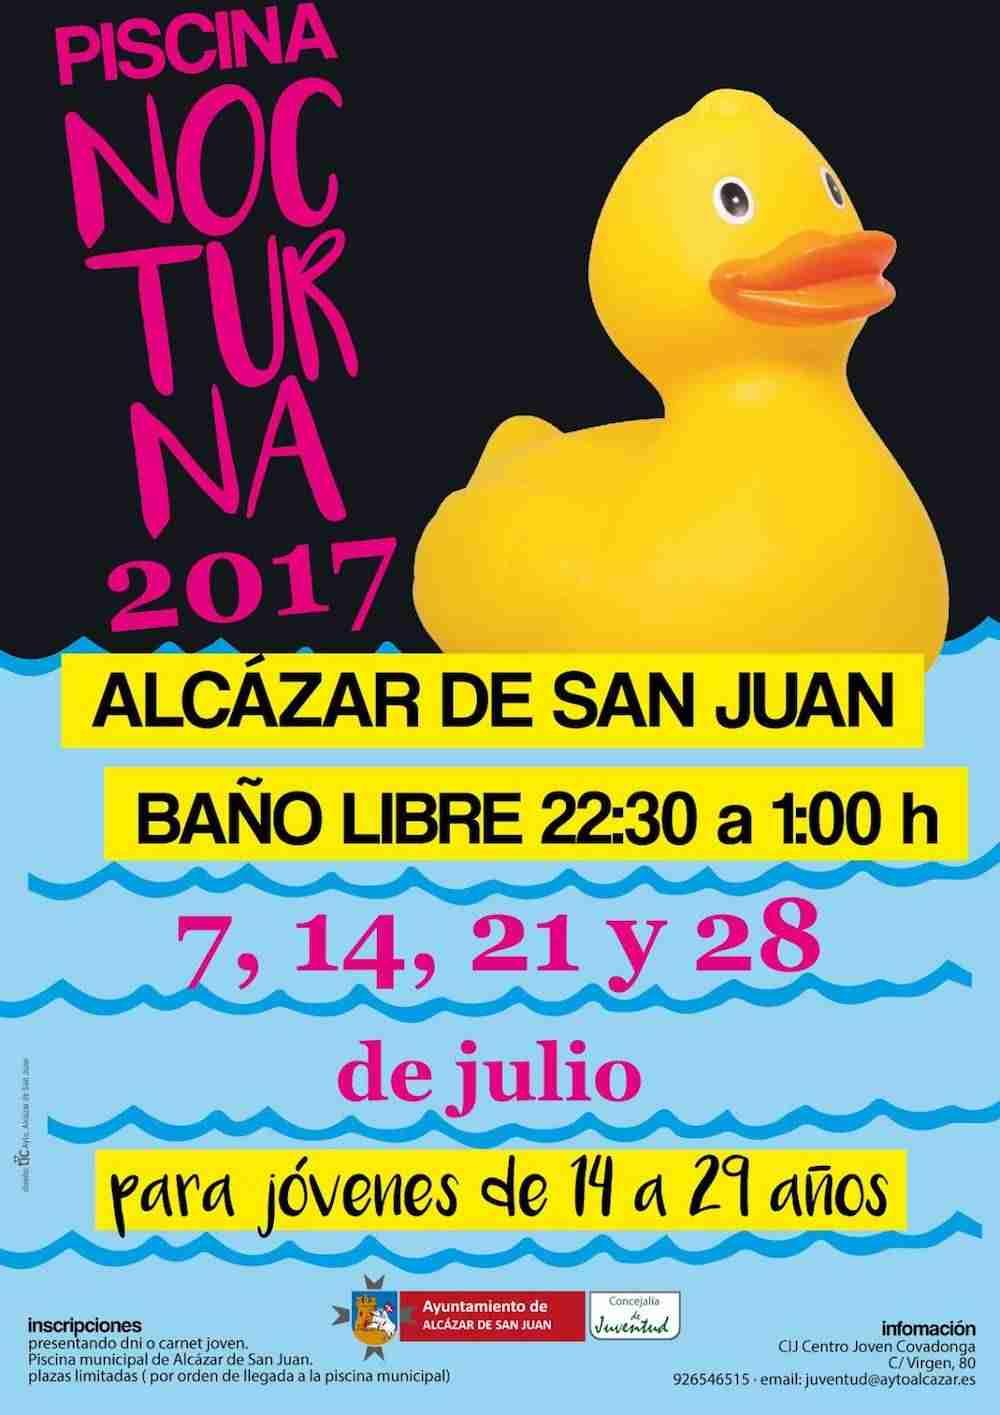 Piscina nocturna 2017 con ba o libre y actividades for Piscina alcazar de san juan